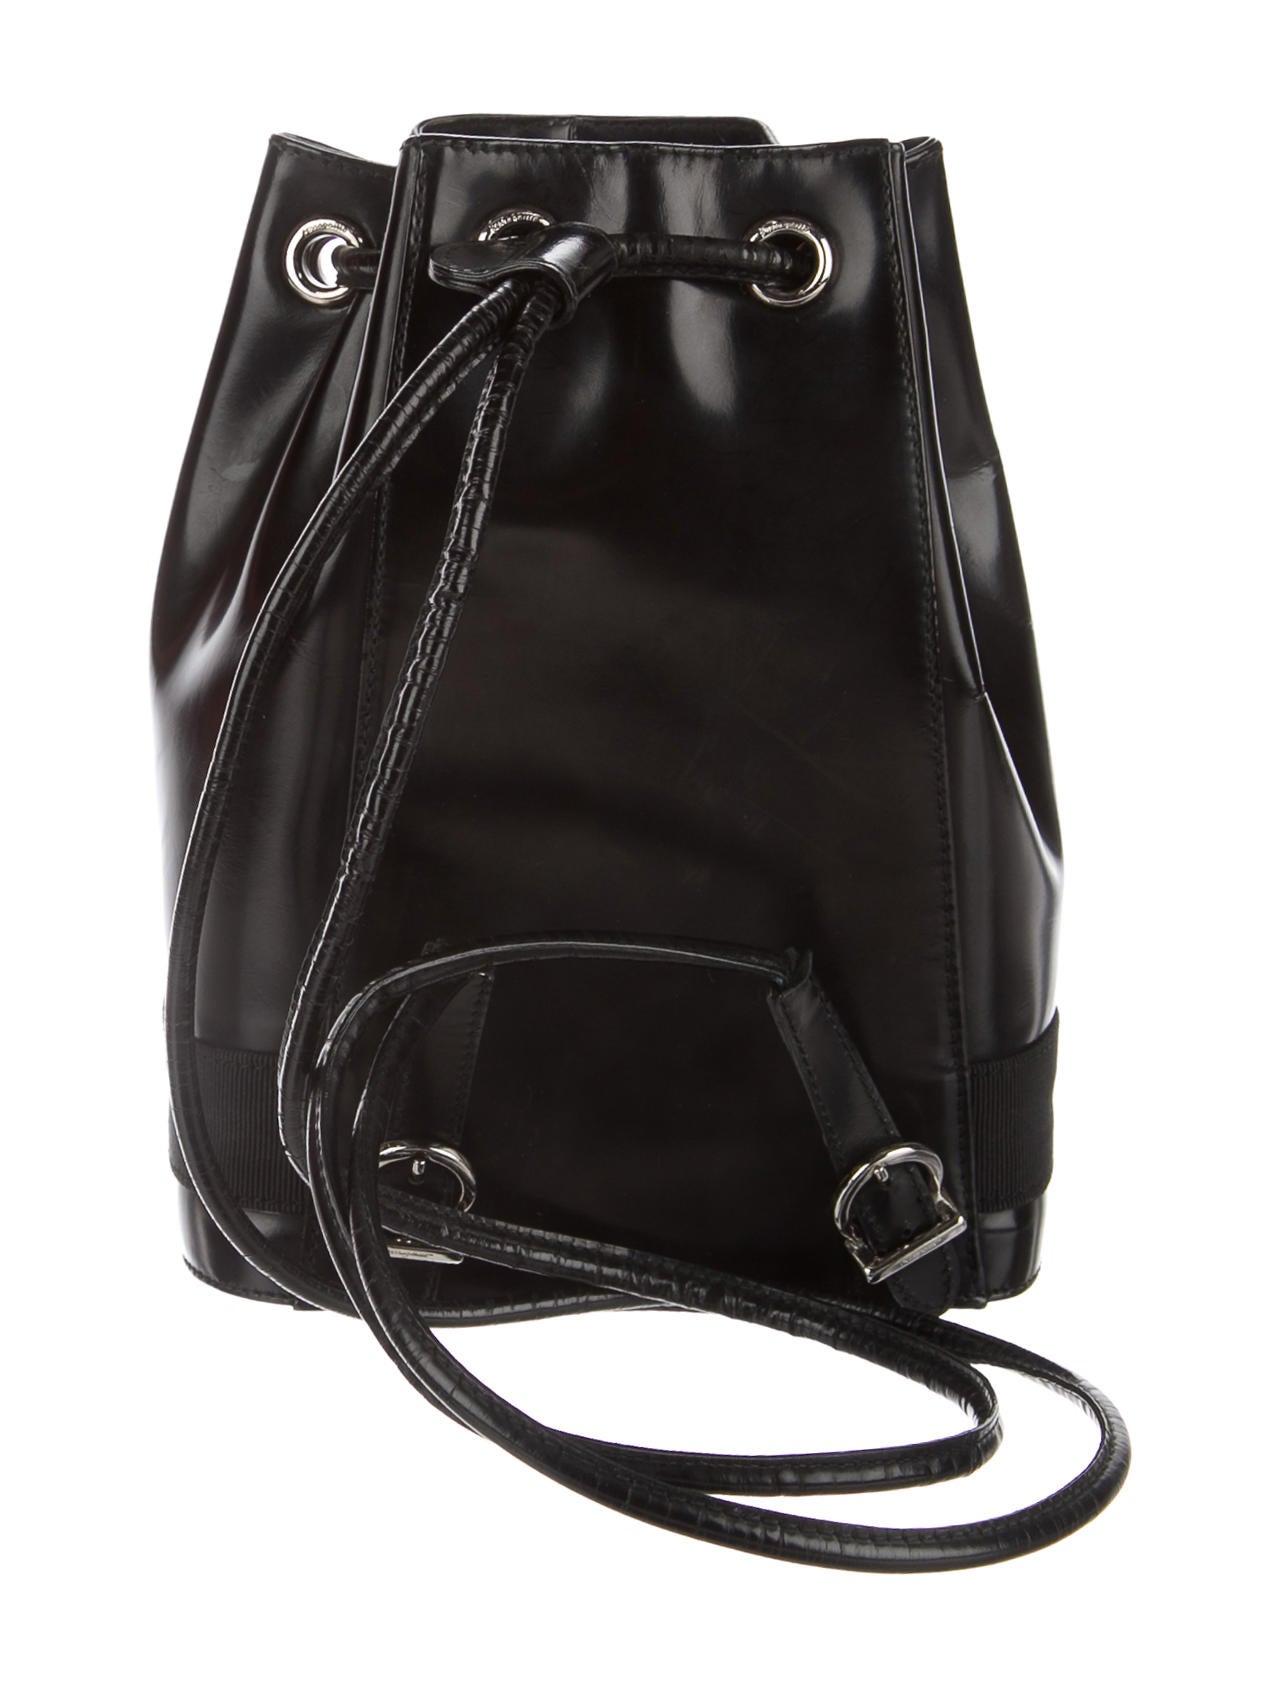 Salvatore Ferragamo Leather Bucket Backpack Handbags